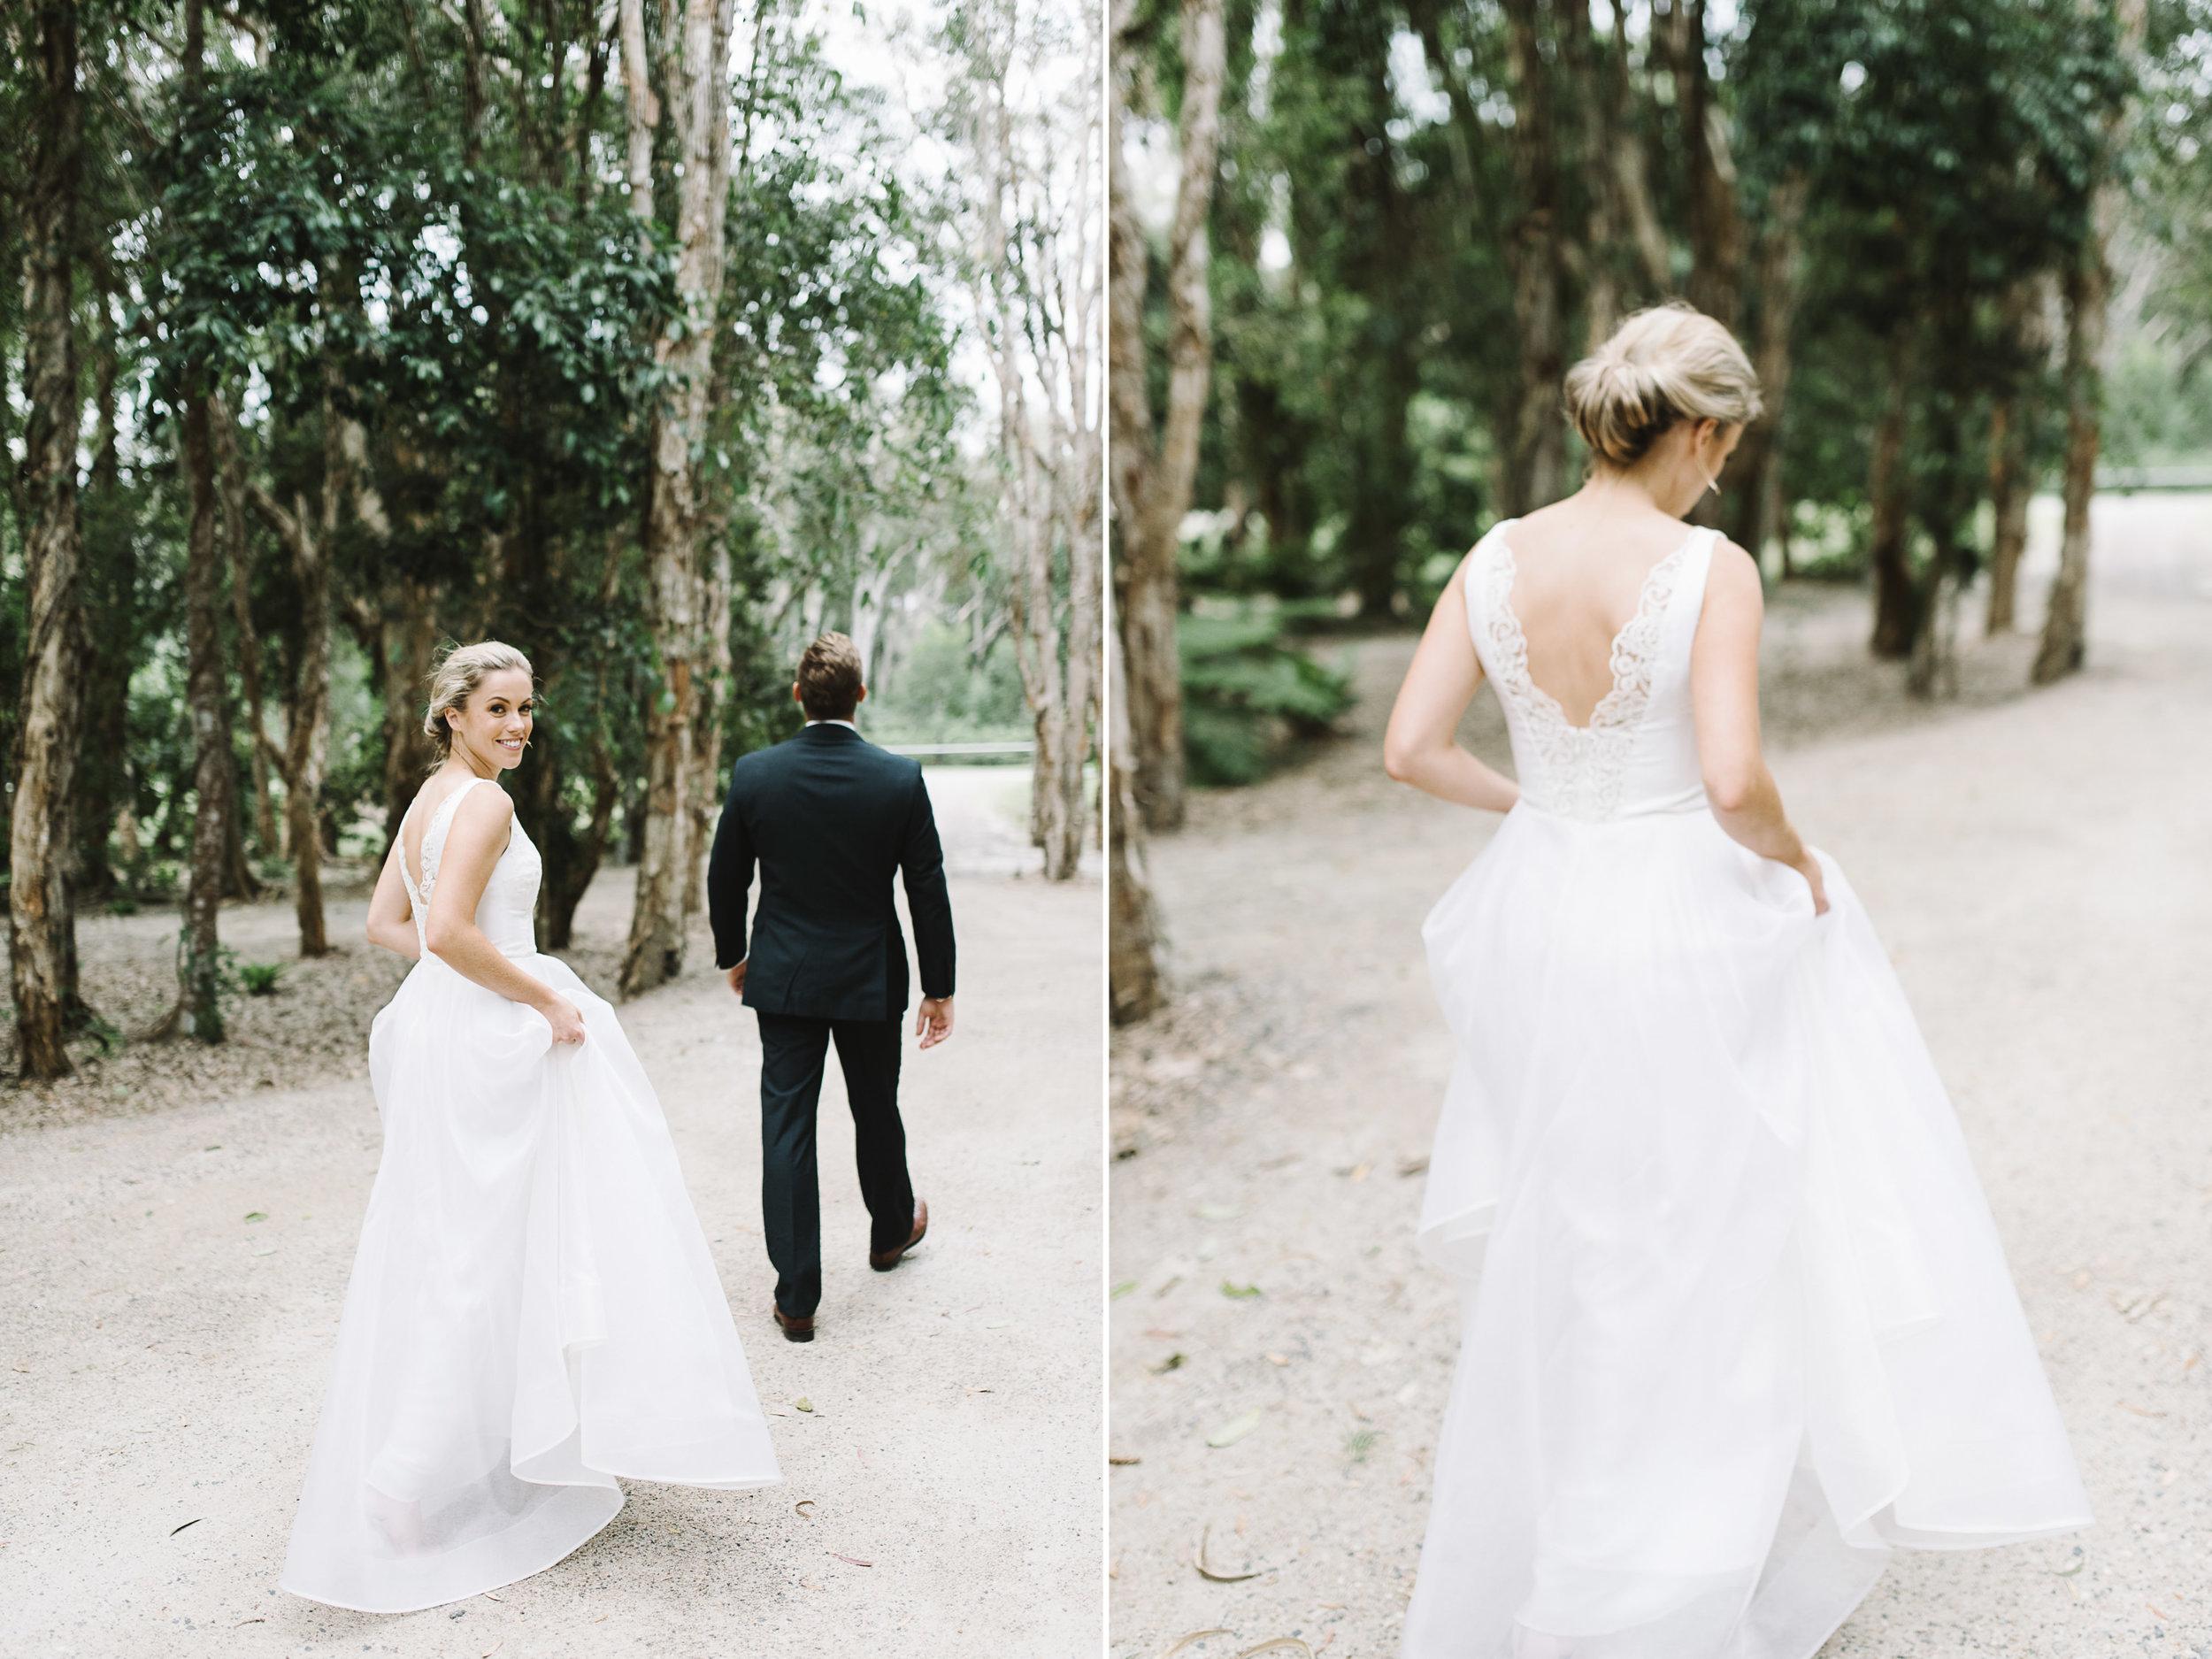 wedding-photography-brisbane-sandstone-point-hotel-bribie-island-26.jpg